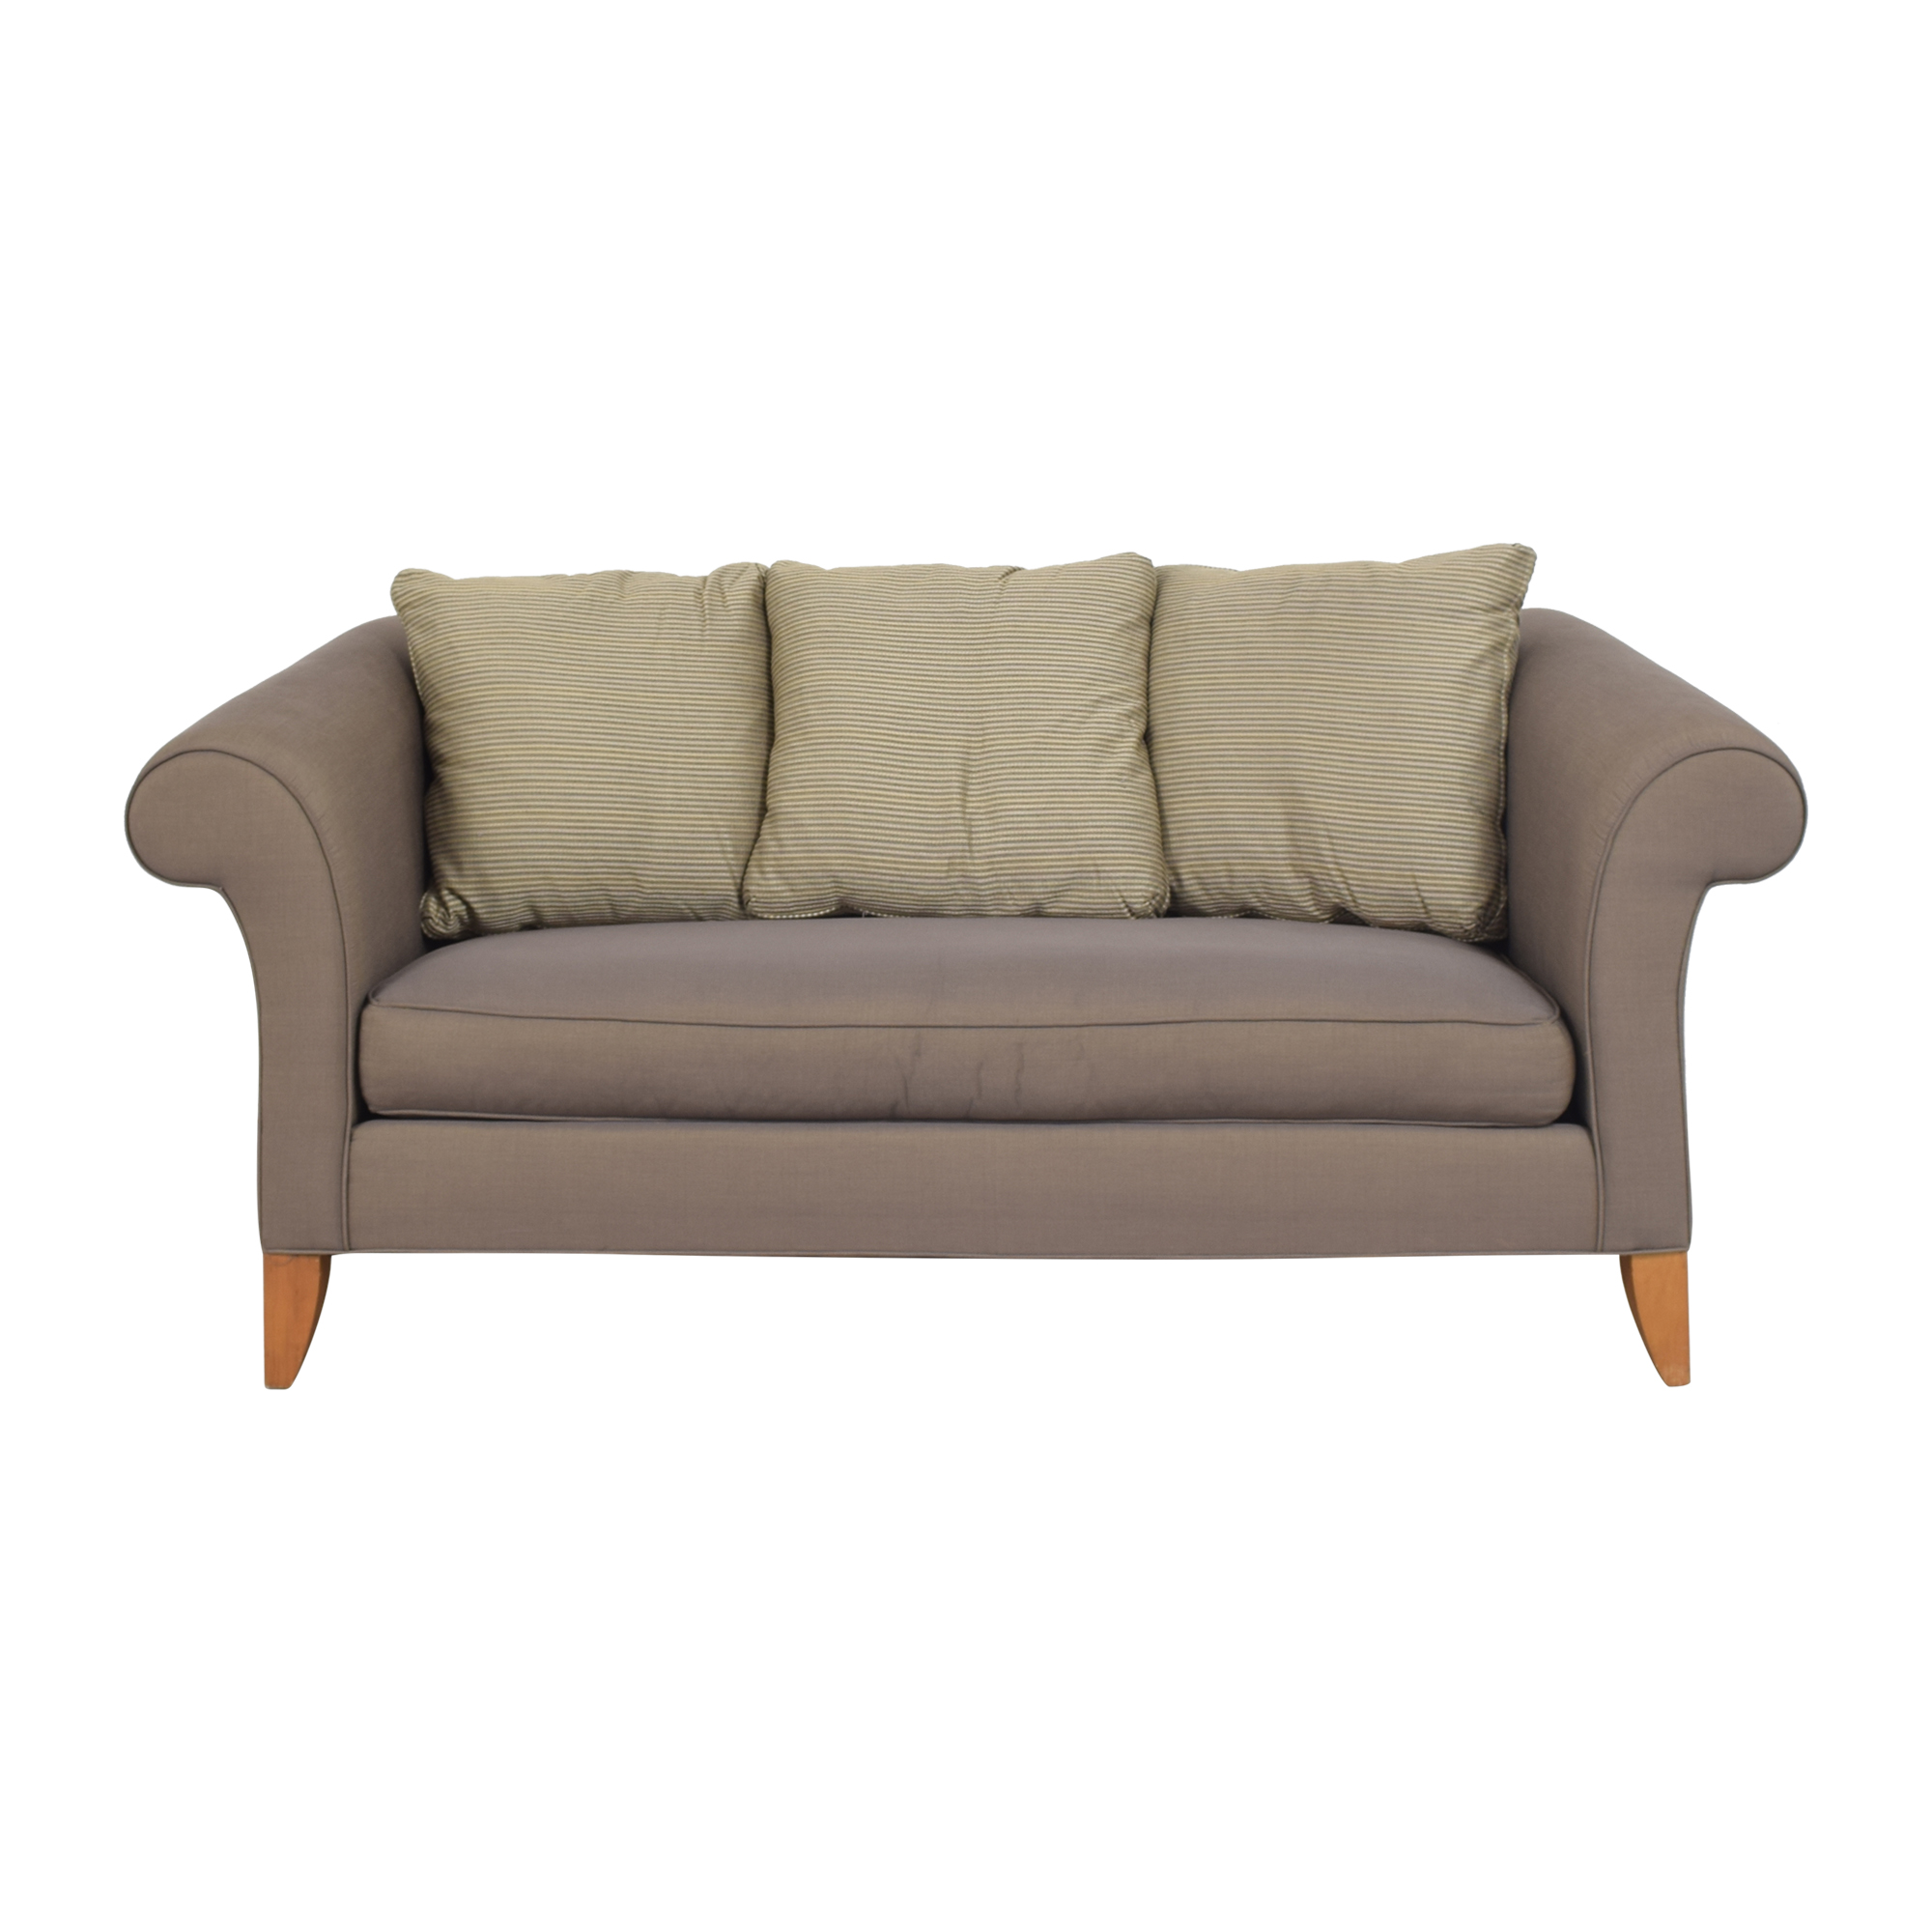 Ethan Allen Shelter Sofa / Sofas